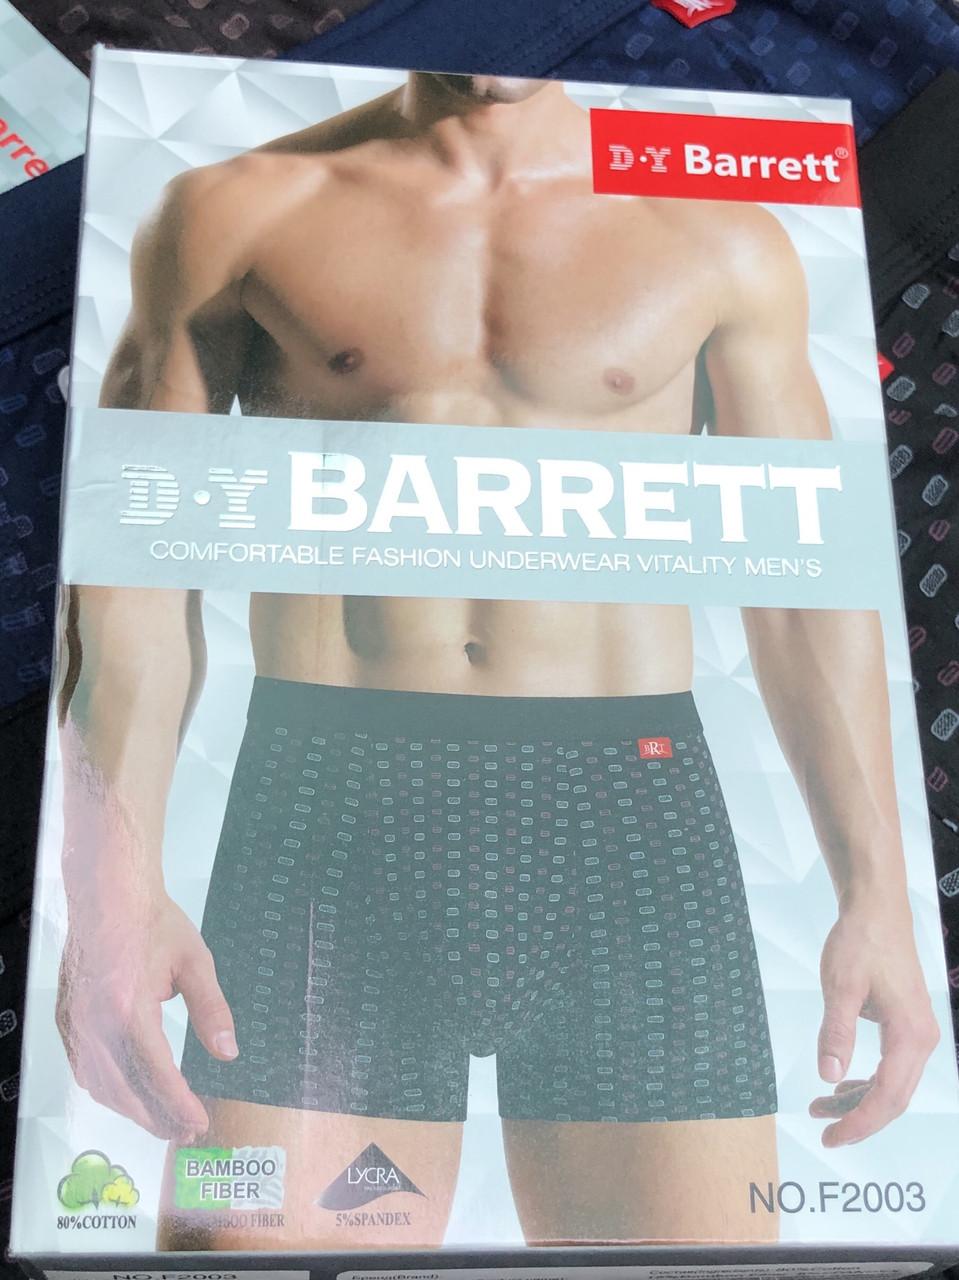 """Чоловічі Боксери масло Марка """"R. Y Barrett"""" Арт.2003"""